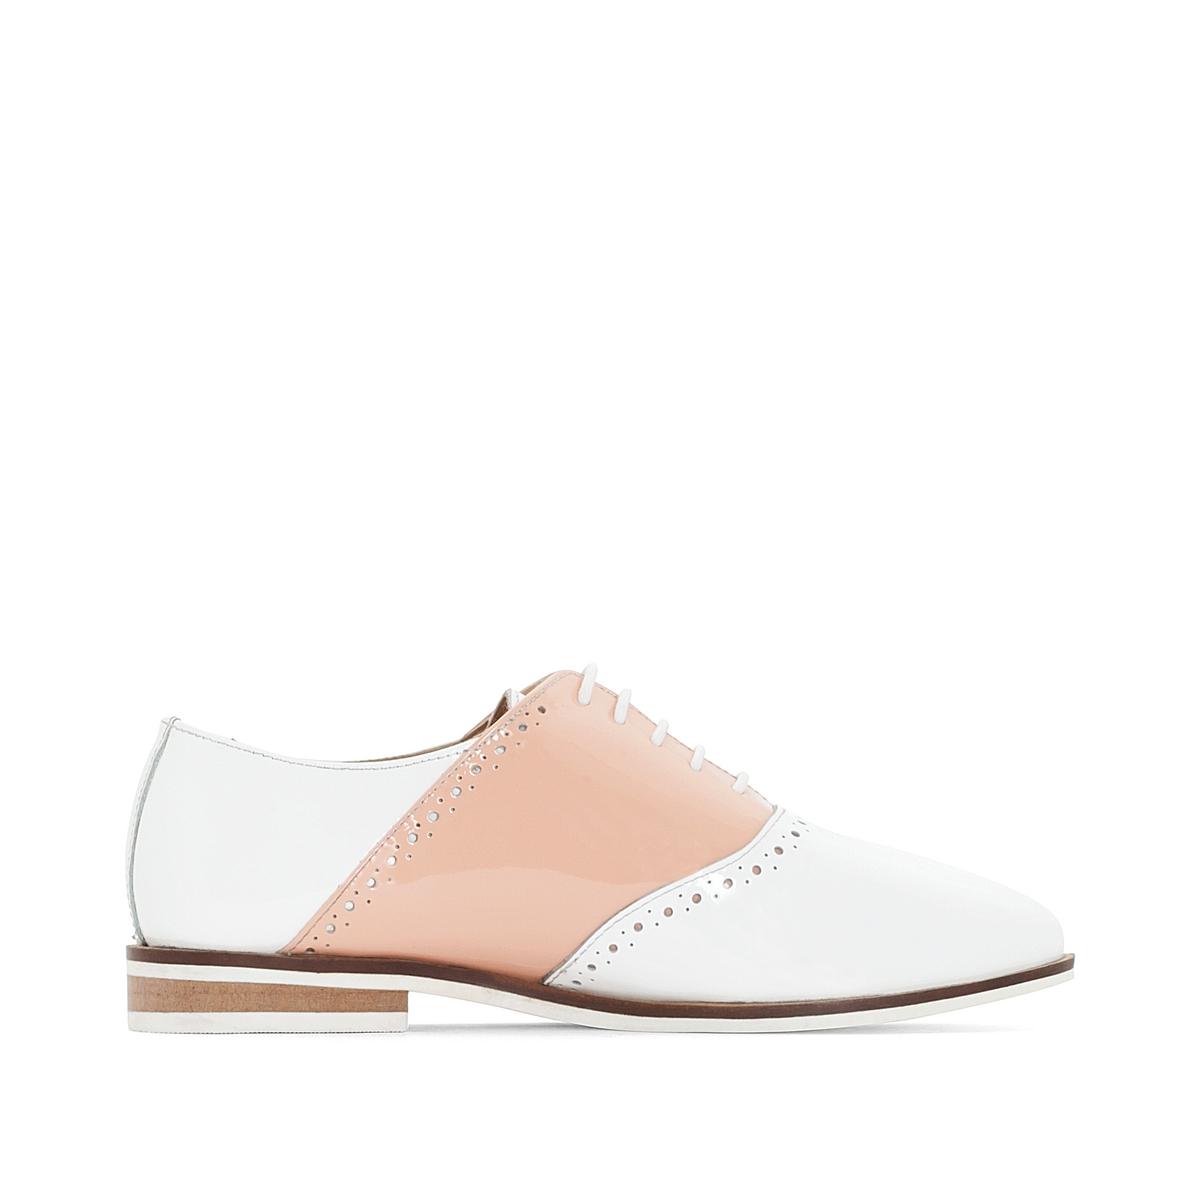 Ботинки-дерби кожаные лакированные двухцветные